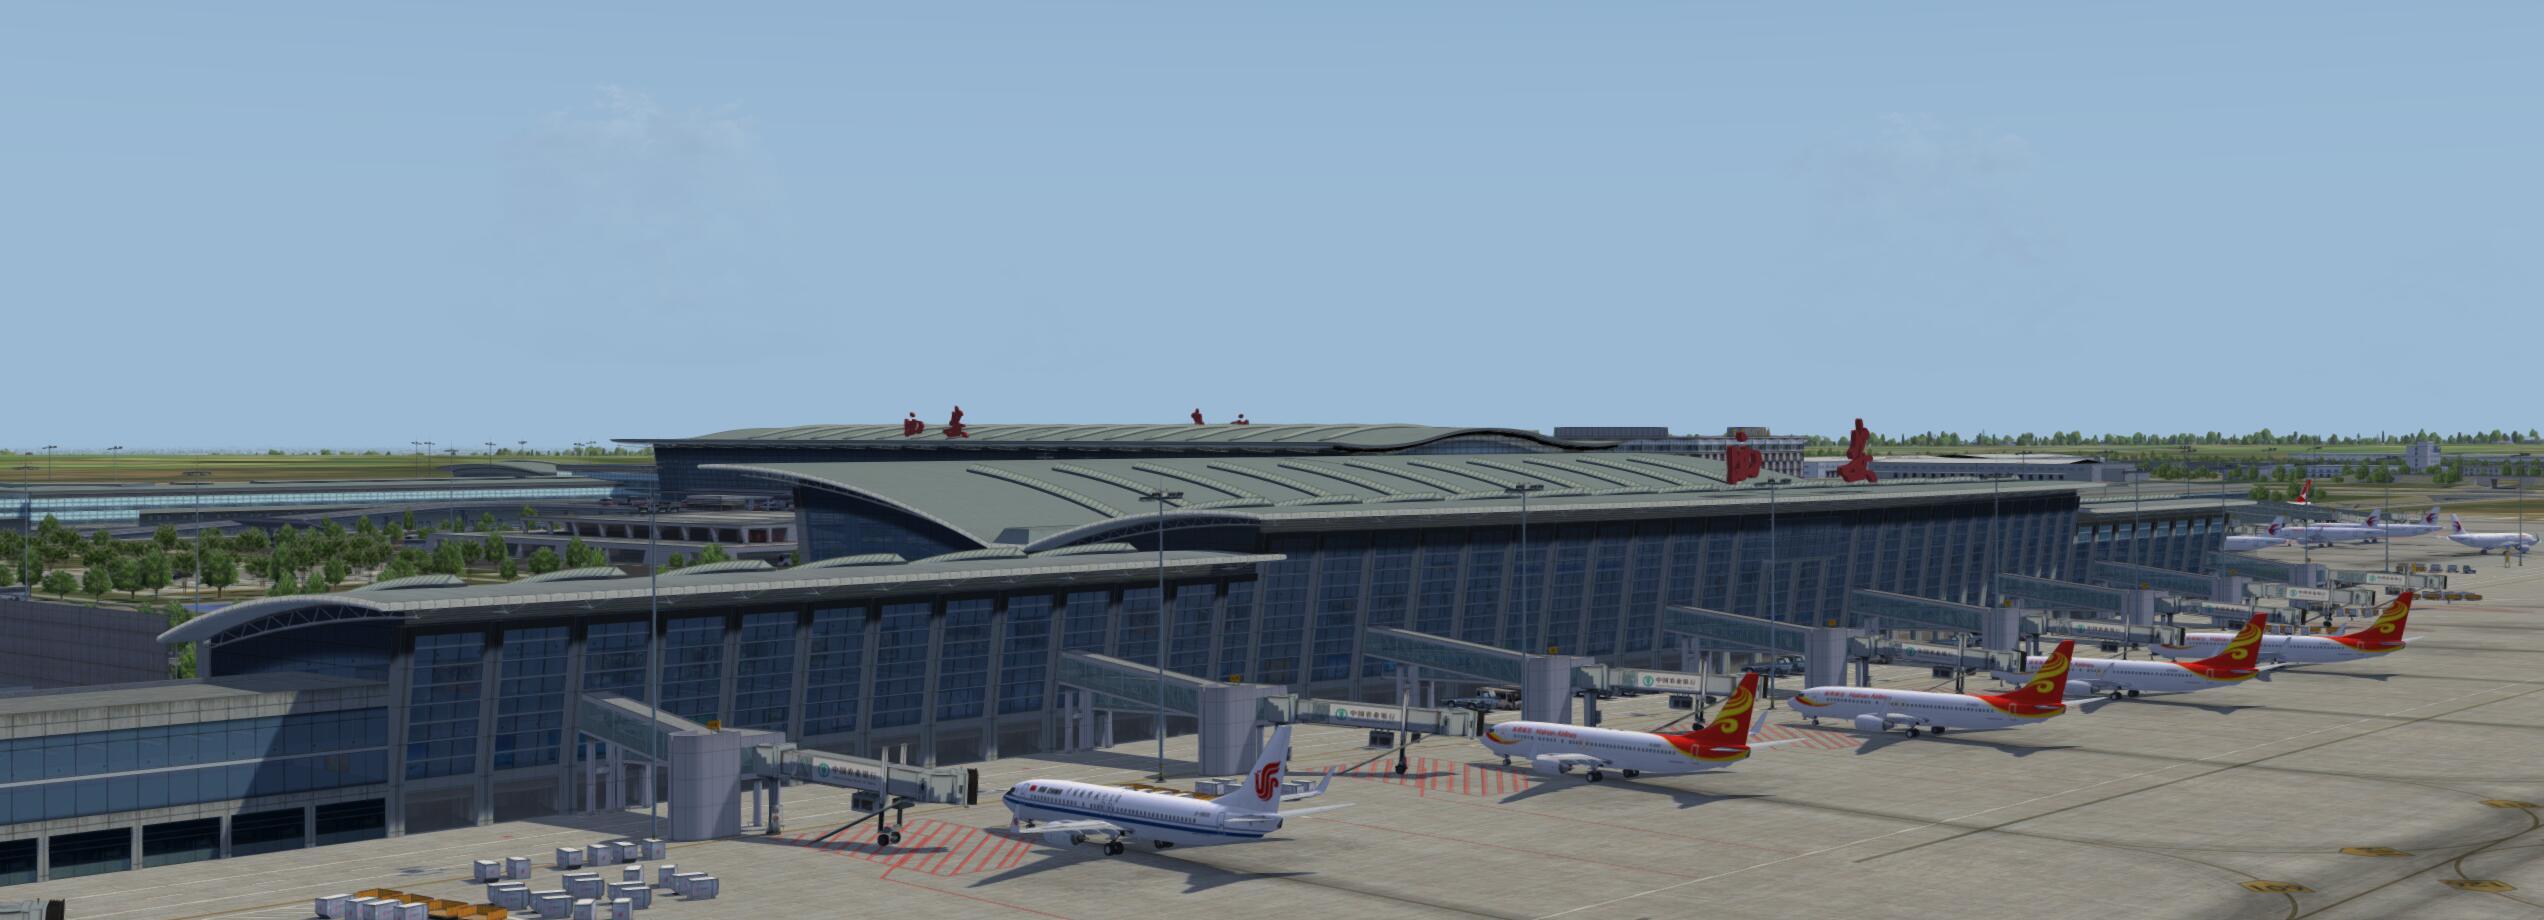 Xian Aeroporto : Wf scenery studio zlxy xi an xianyang international releasing soon